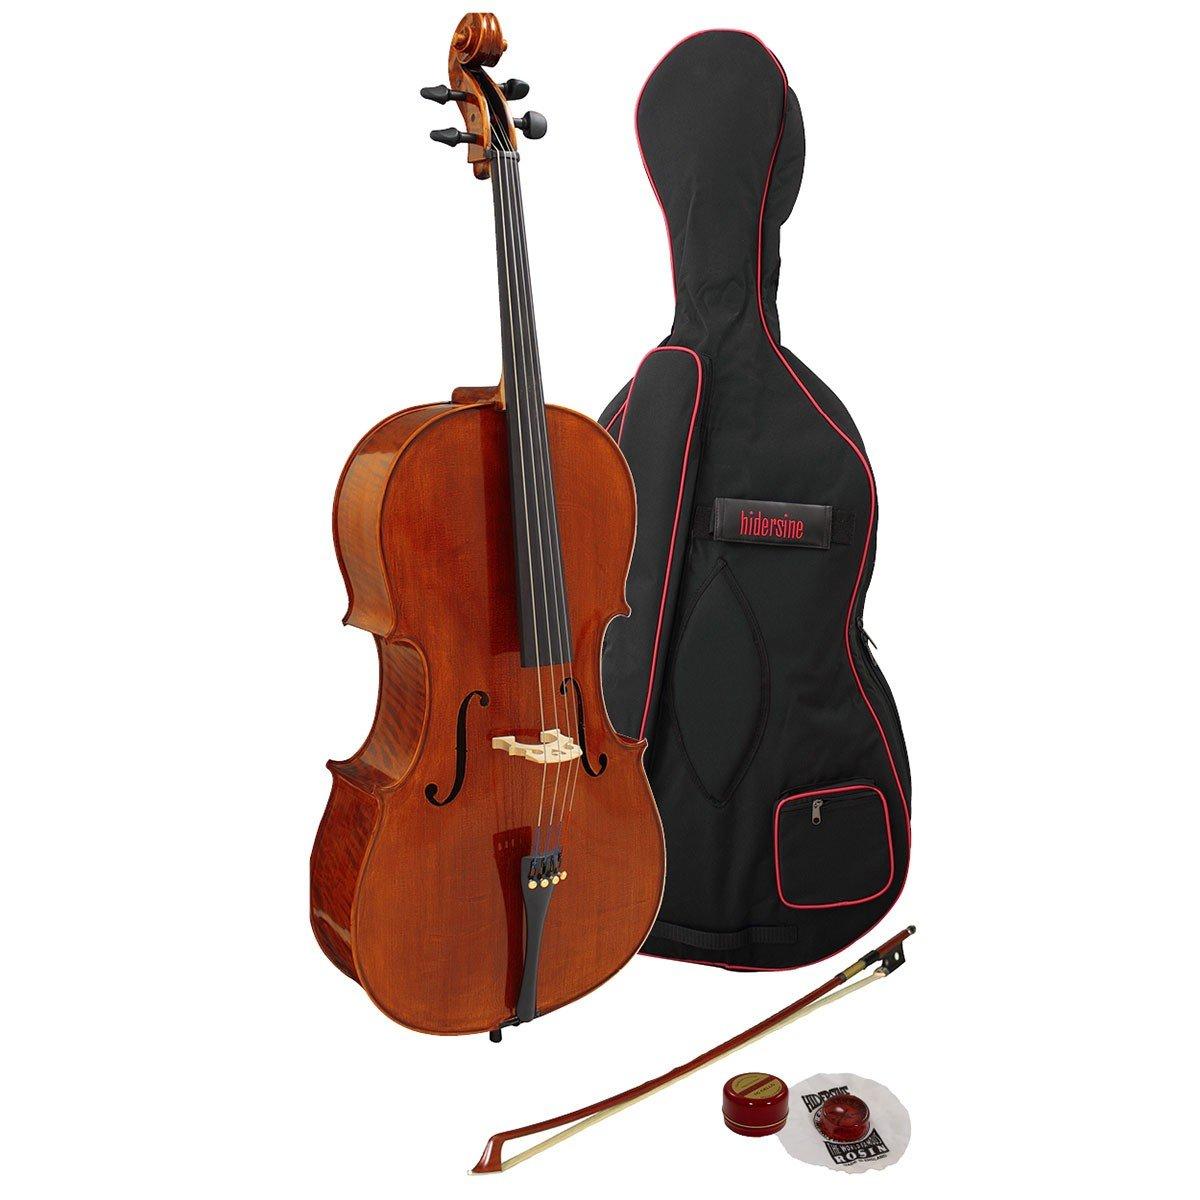 Hidersine Cello Piacenza Finetune Outfit